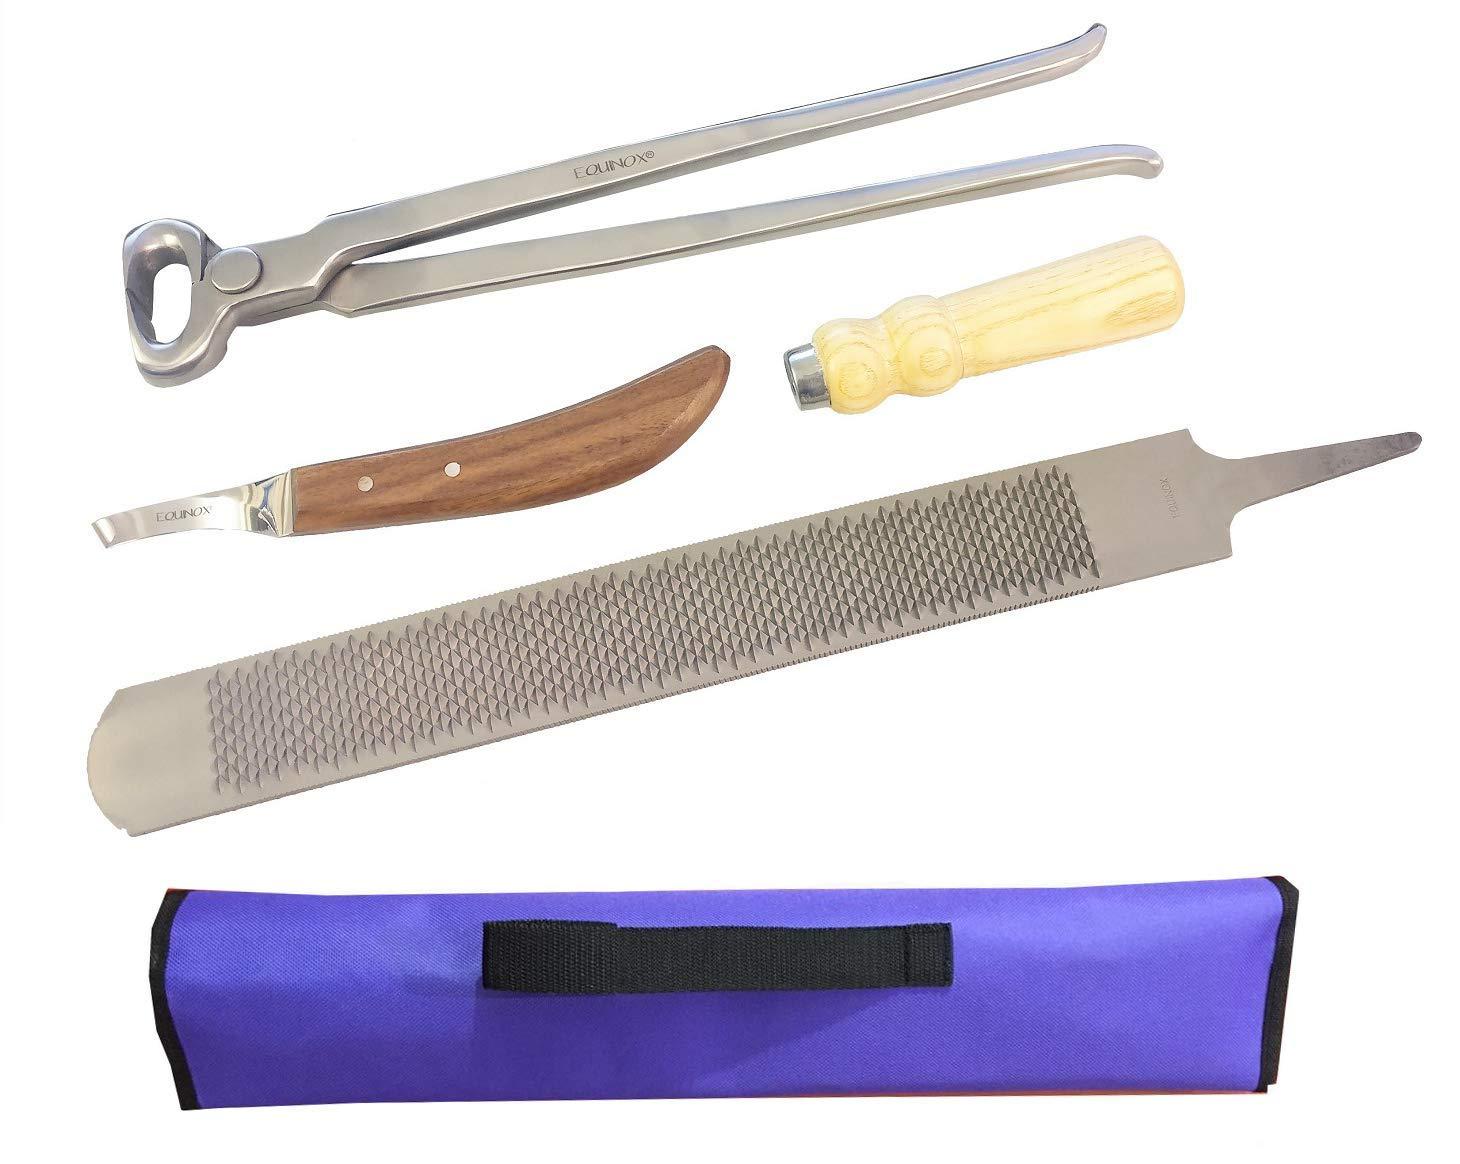 SiS EQUINOX Farrier Tool Kit Hoof Rasp, Hoof Nipper & Knife in a Storage Wallet by SiS EQUINOX